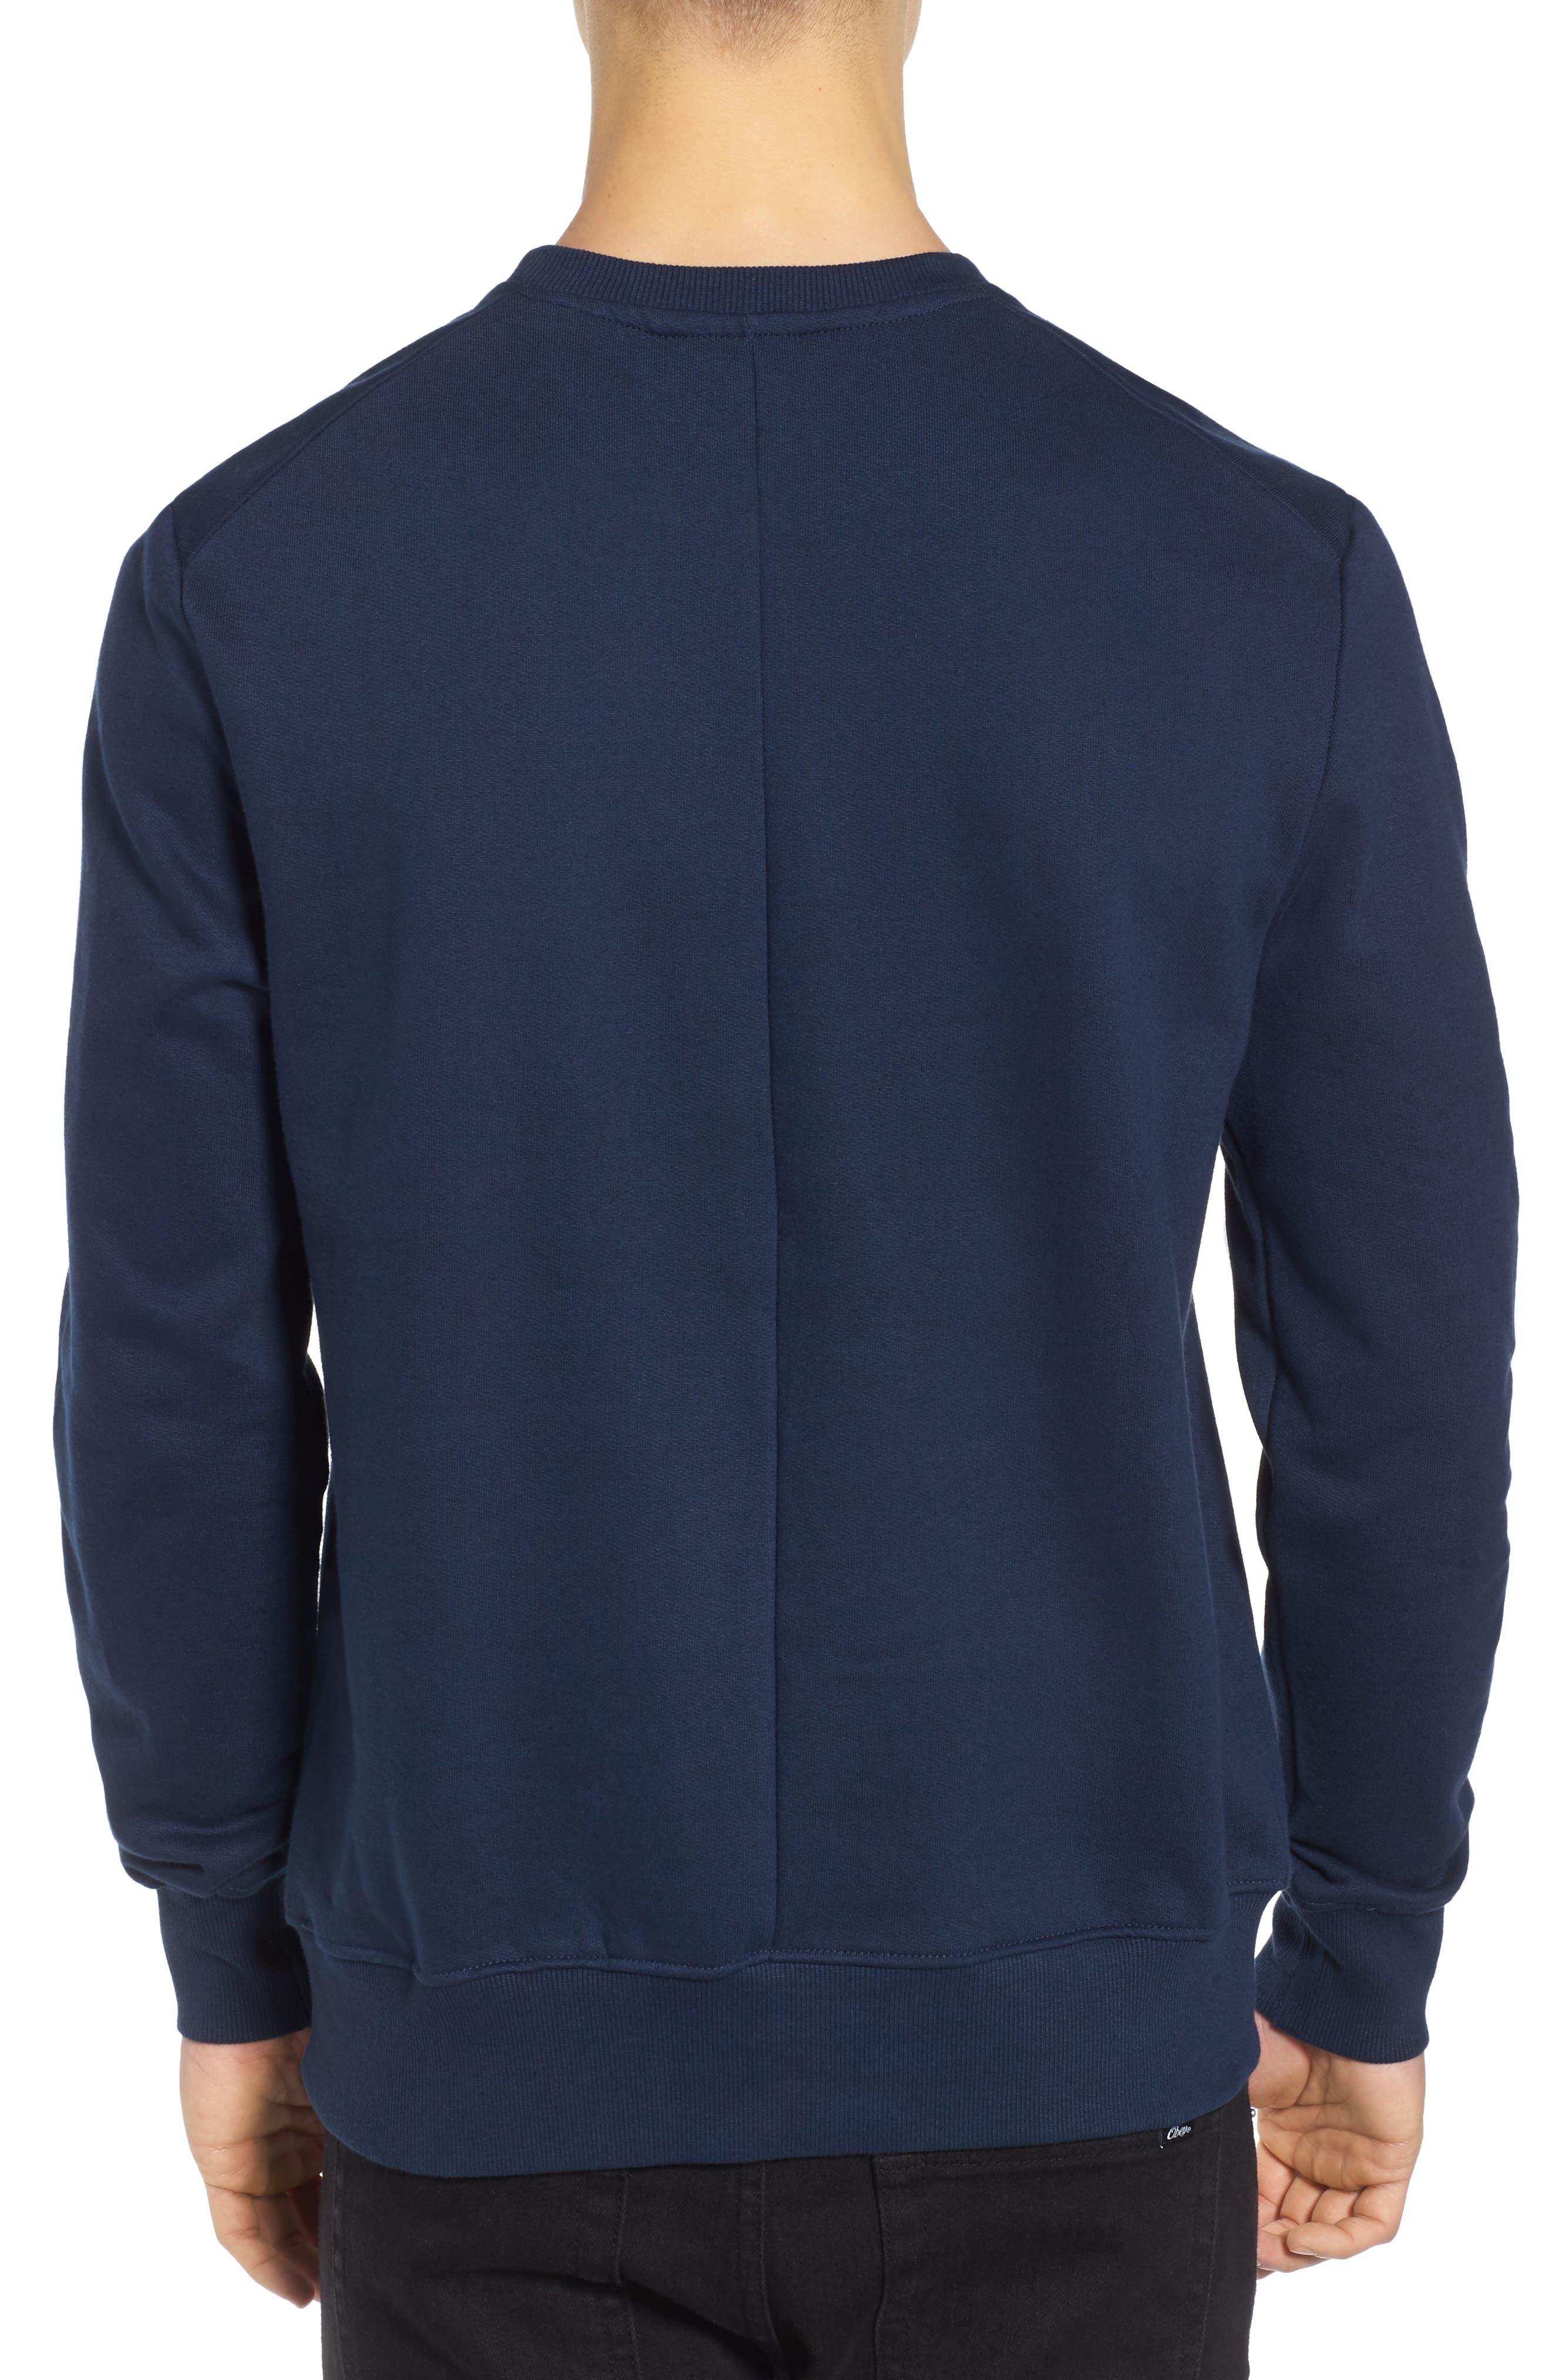 Nokat Appliqué Sweatshirt,                             Alternate thumbnail 2, color,                             018